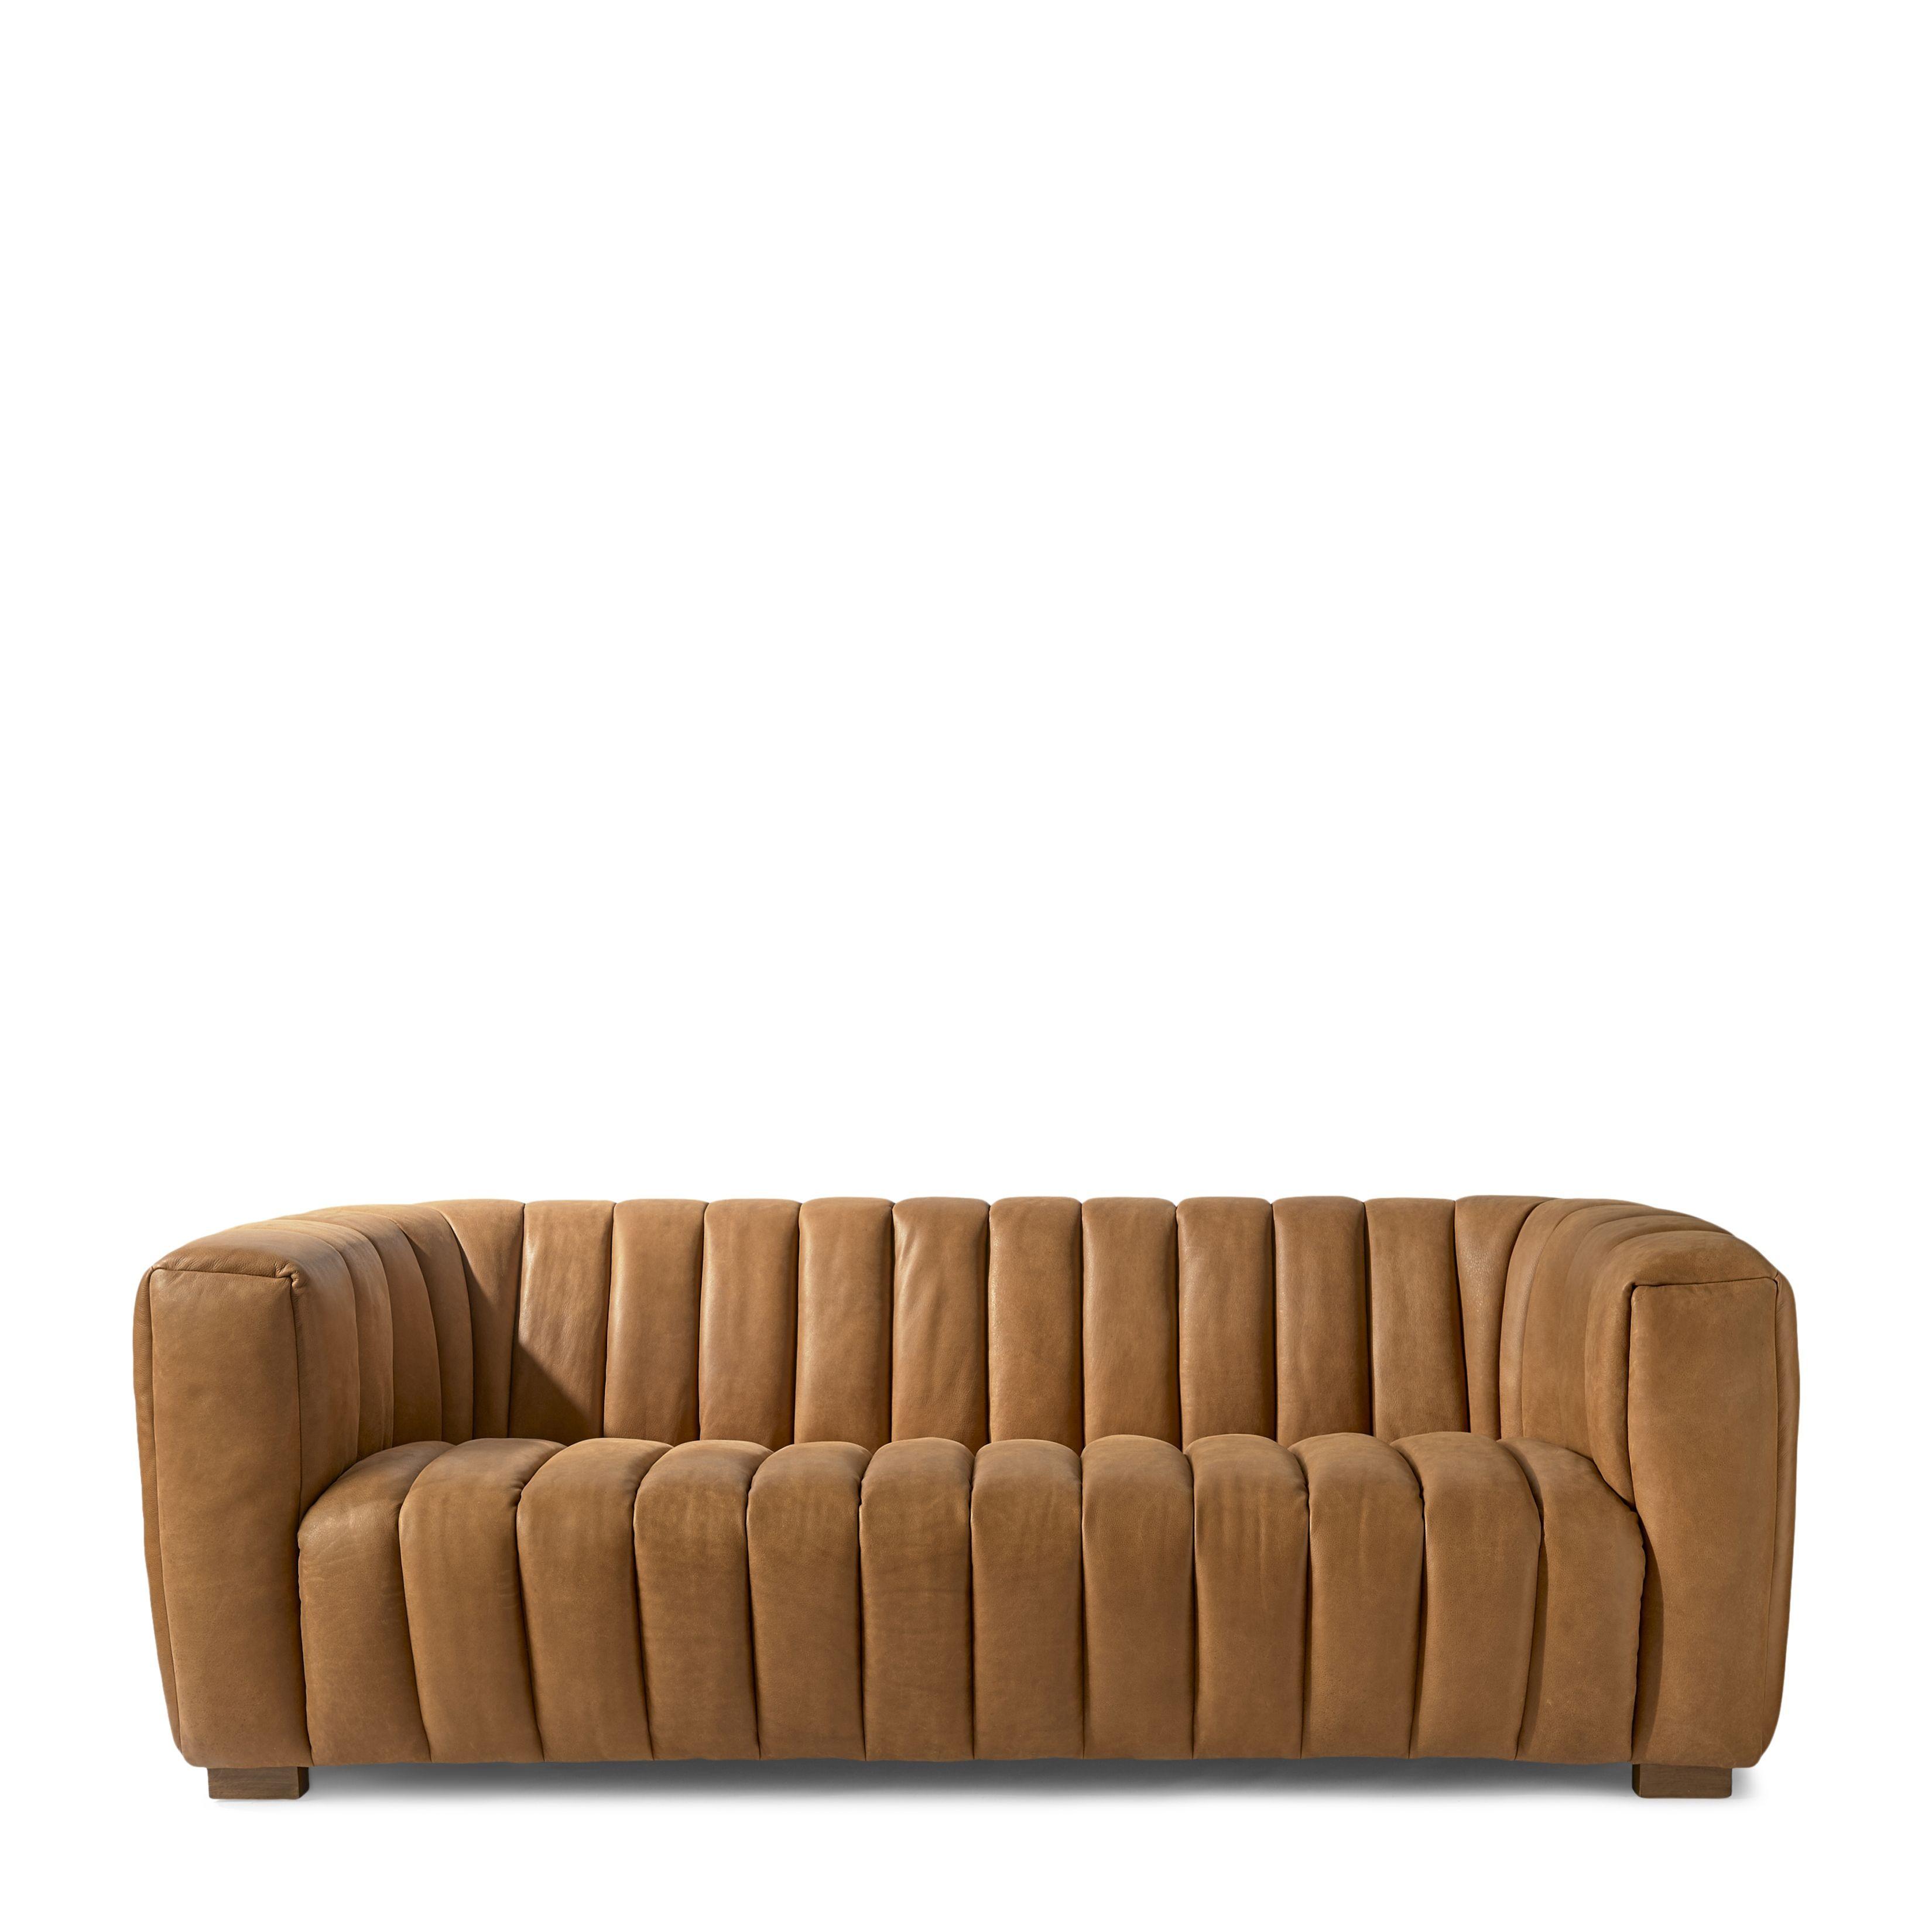 Pulitzer Sofa 3,5 Seater leather cognac / Rivièra Maison